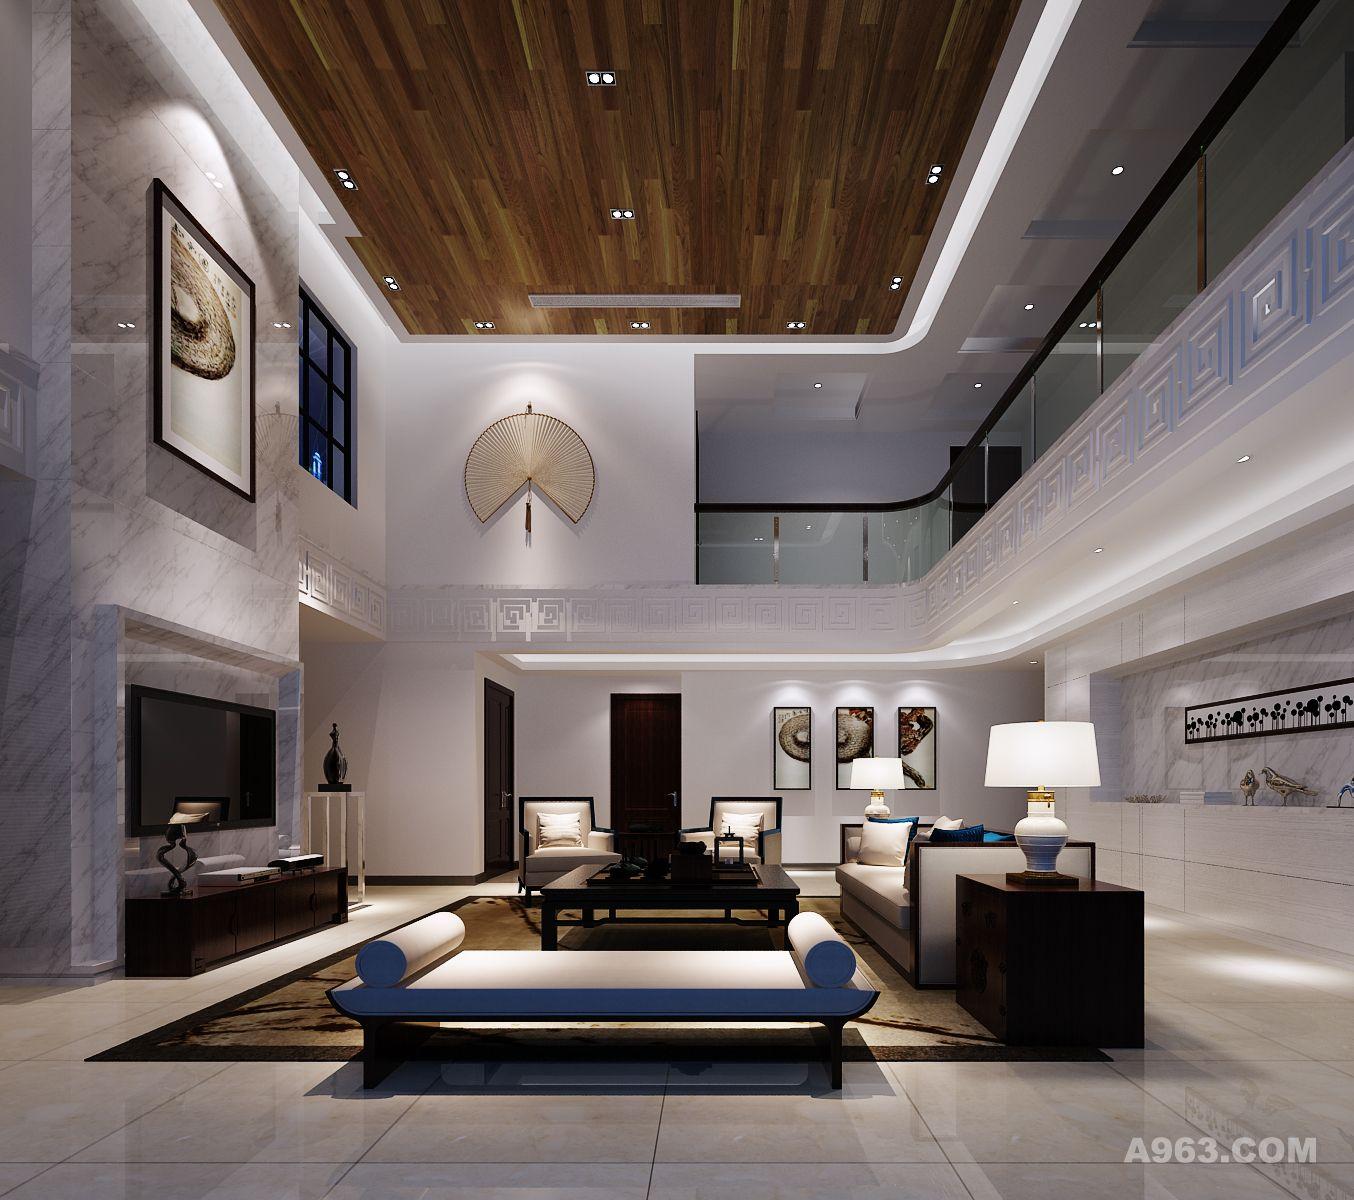 客厅整面到顶的爵士白大理石电视背景墙面,经典考究的现代中式家具,采